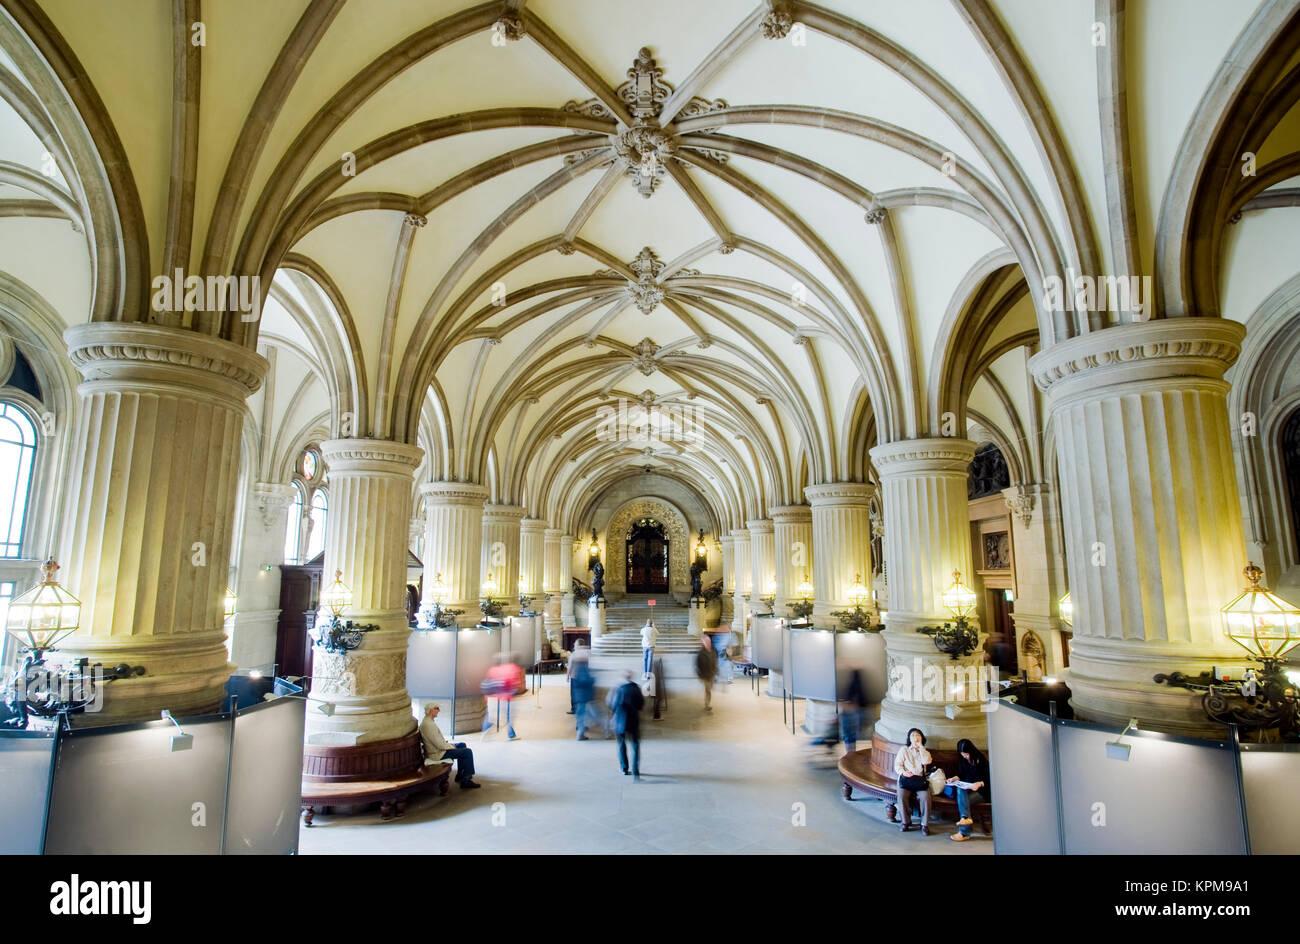 Hamburgo, uno de los más bellos y populares destinos turísticos en el mundo. El Ayuntamiento de Hamburgo es la sede del parlamento europeo Foto de stock